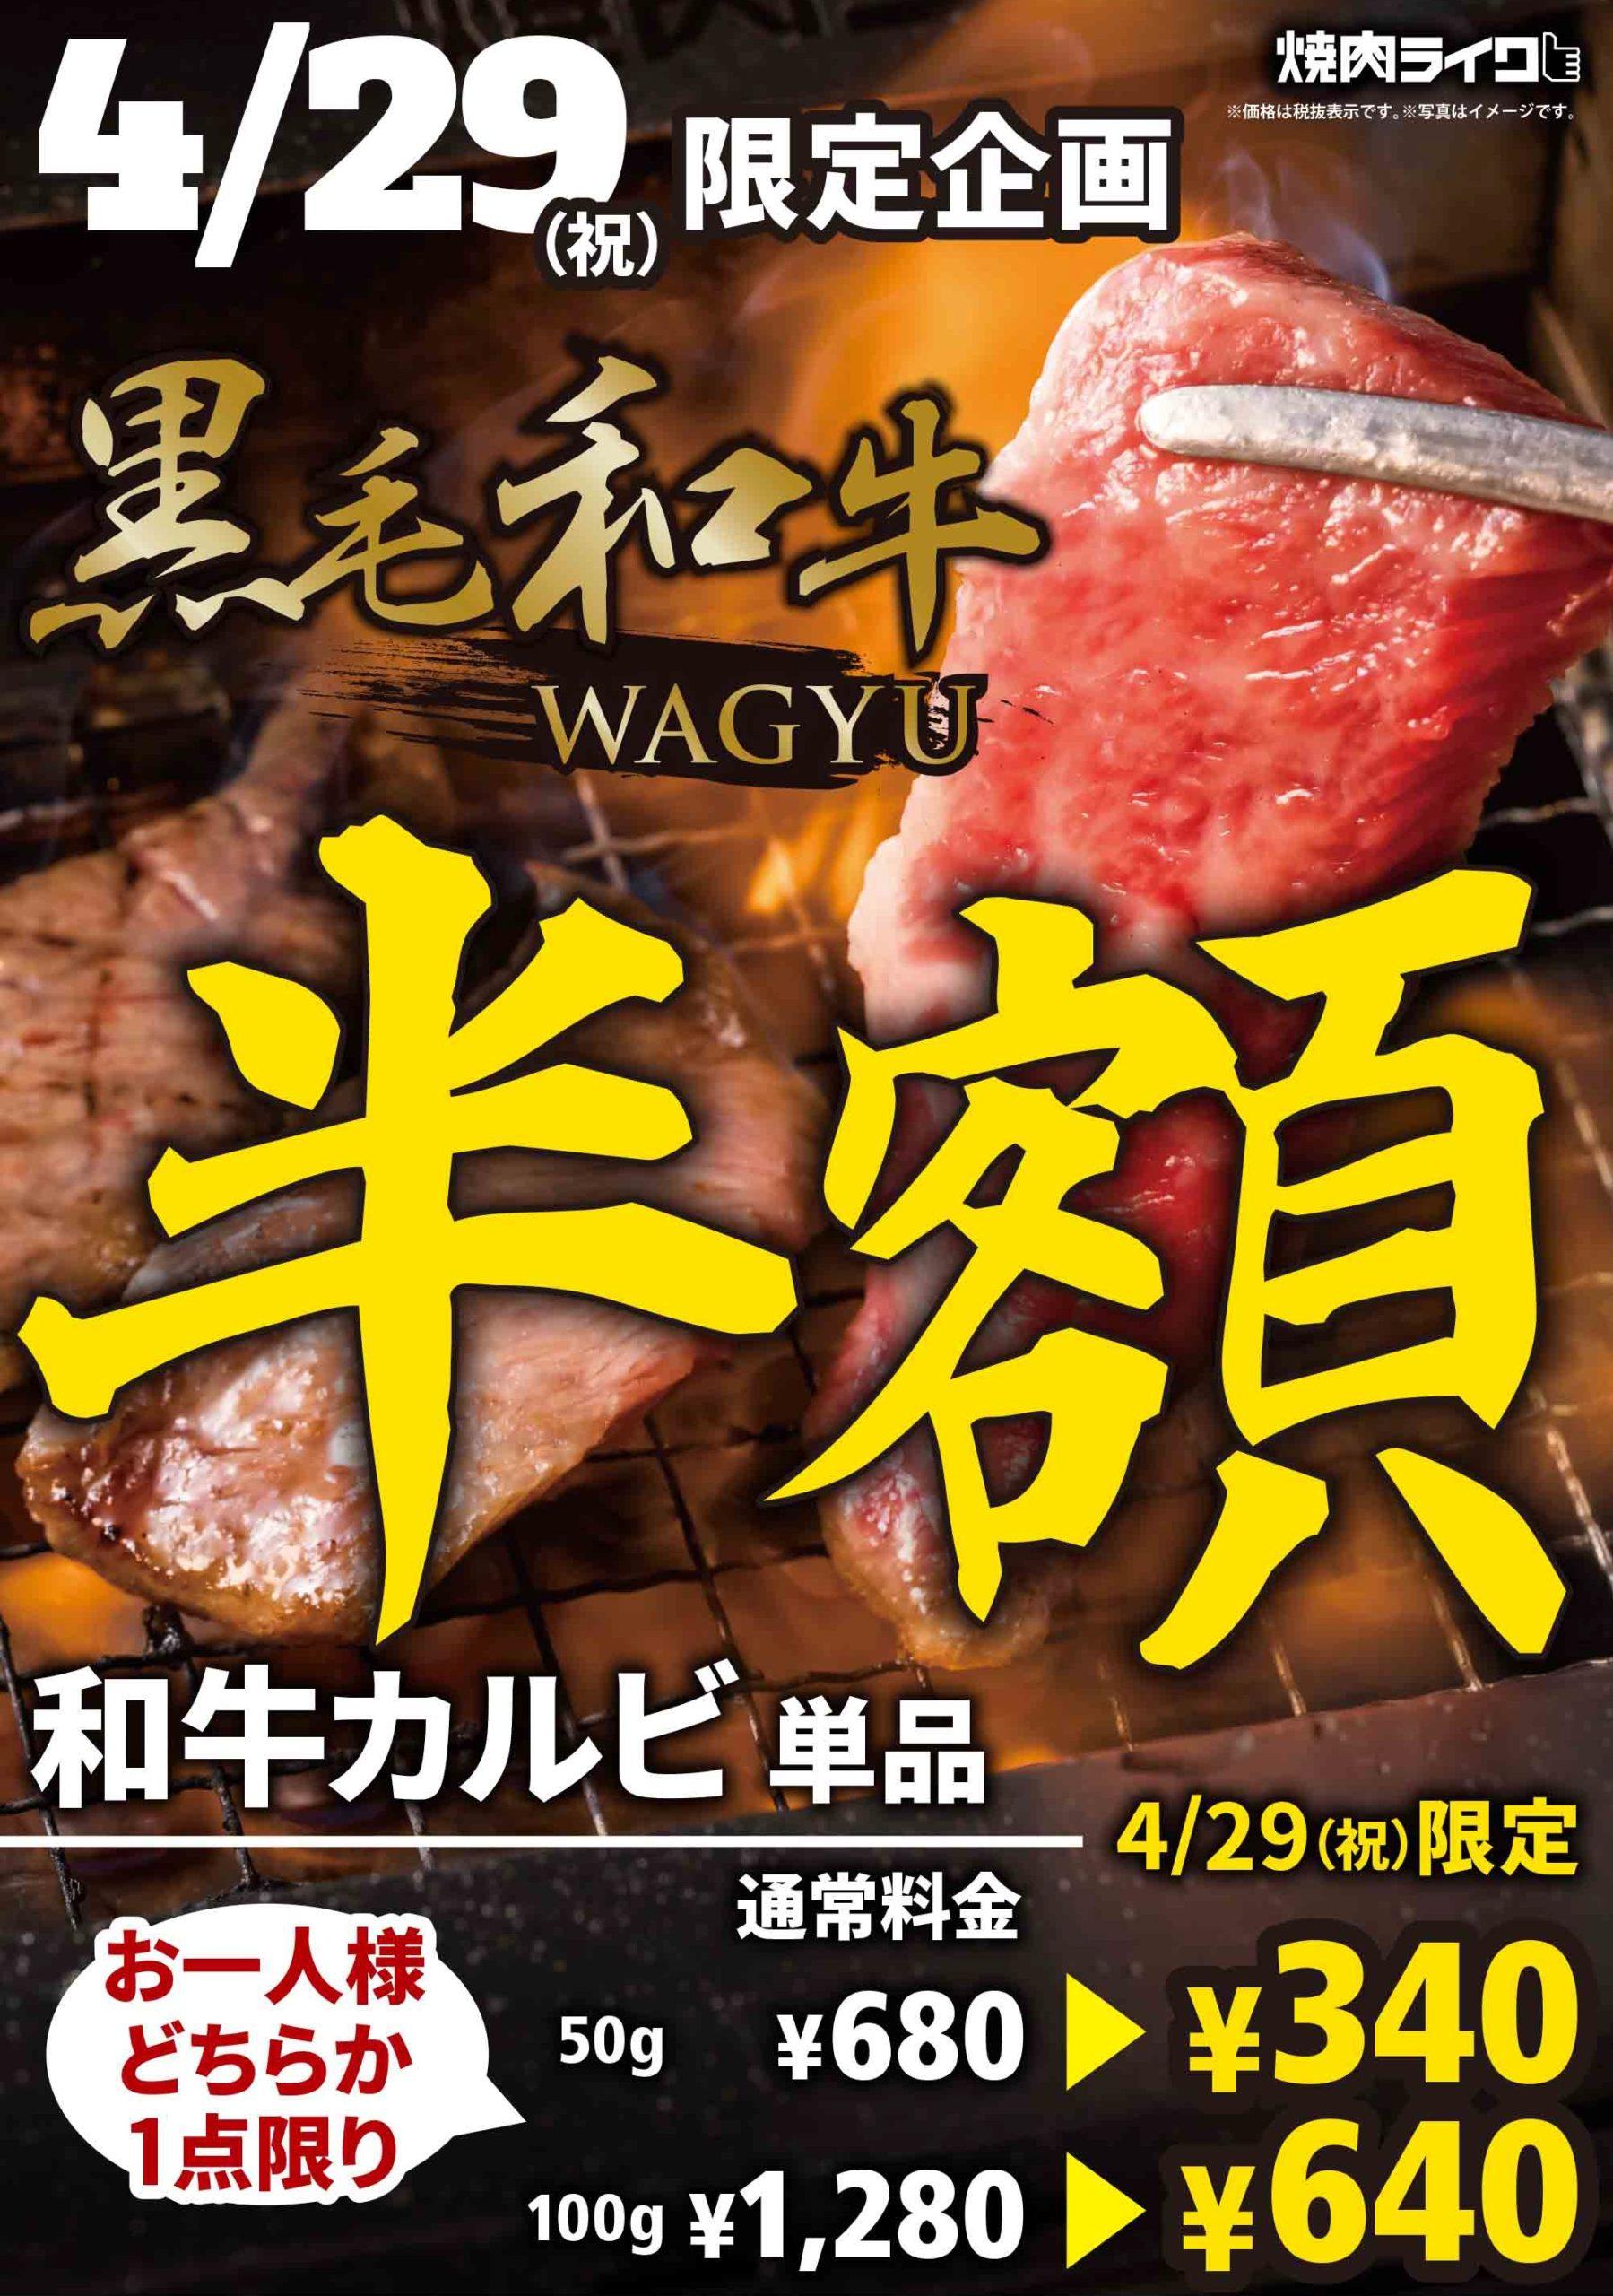 日 ja キャンペーン の 肉